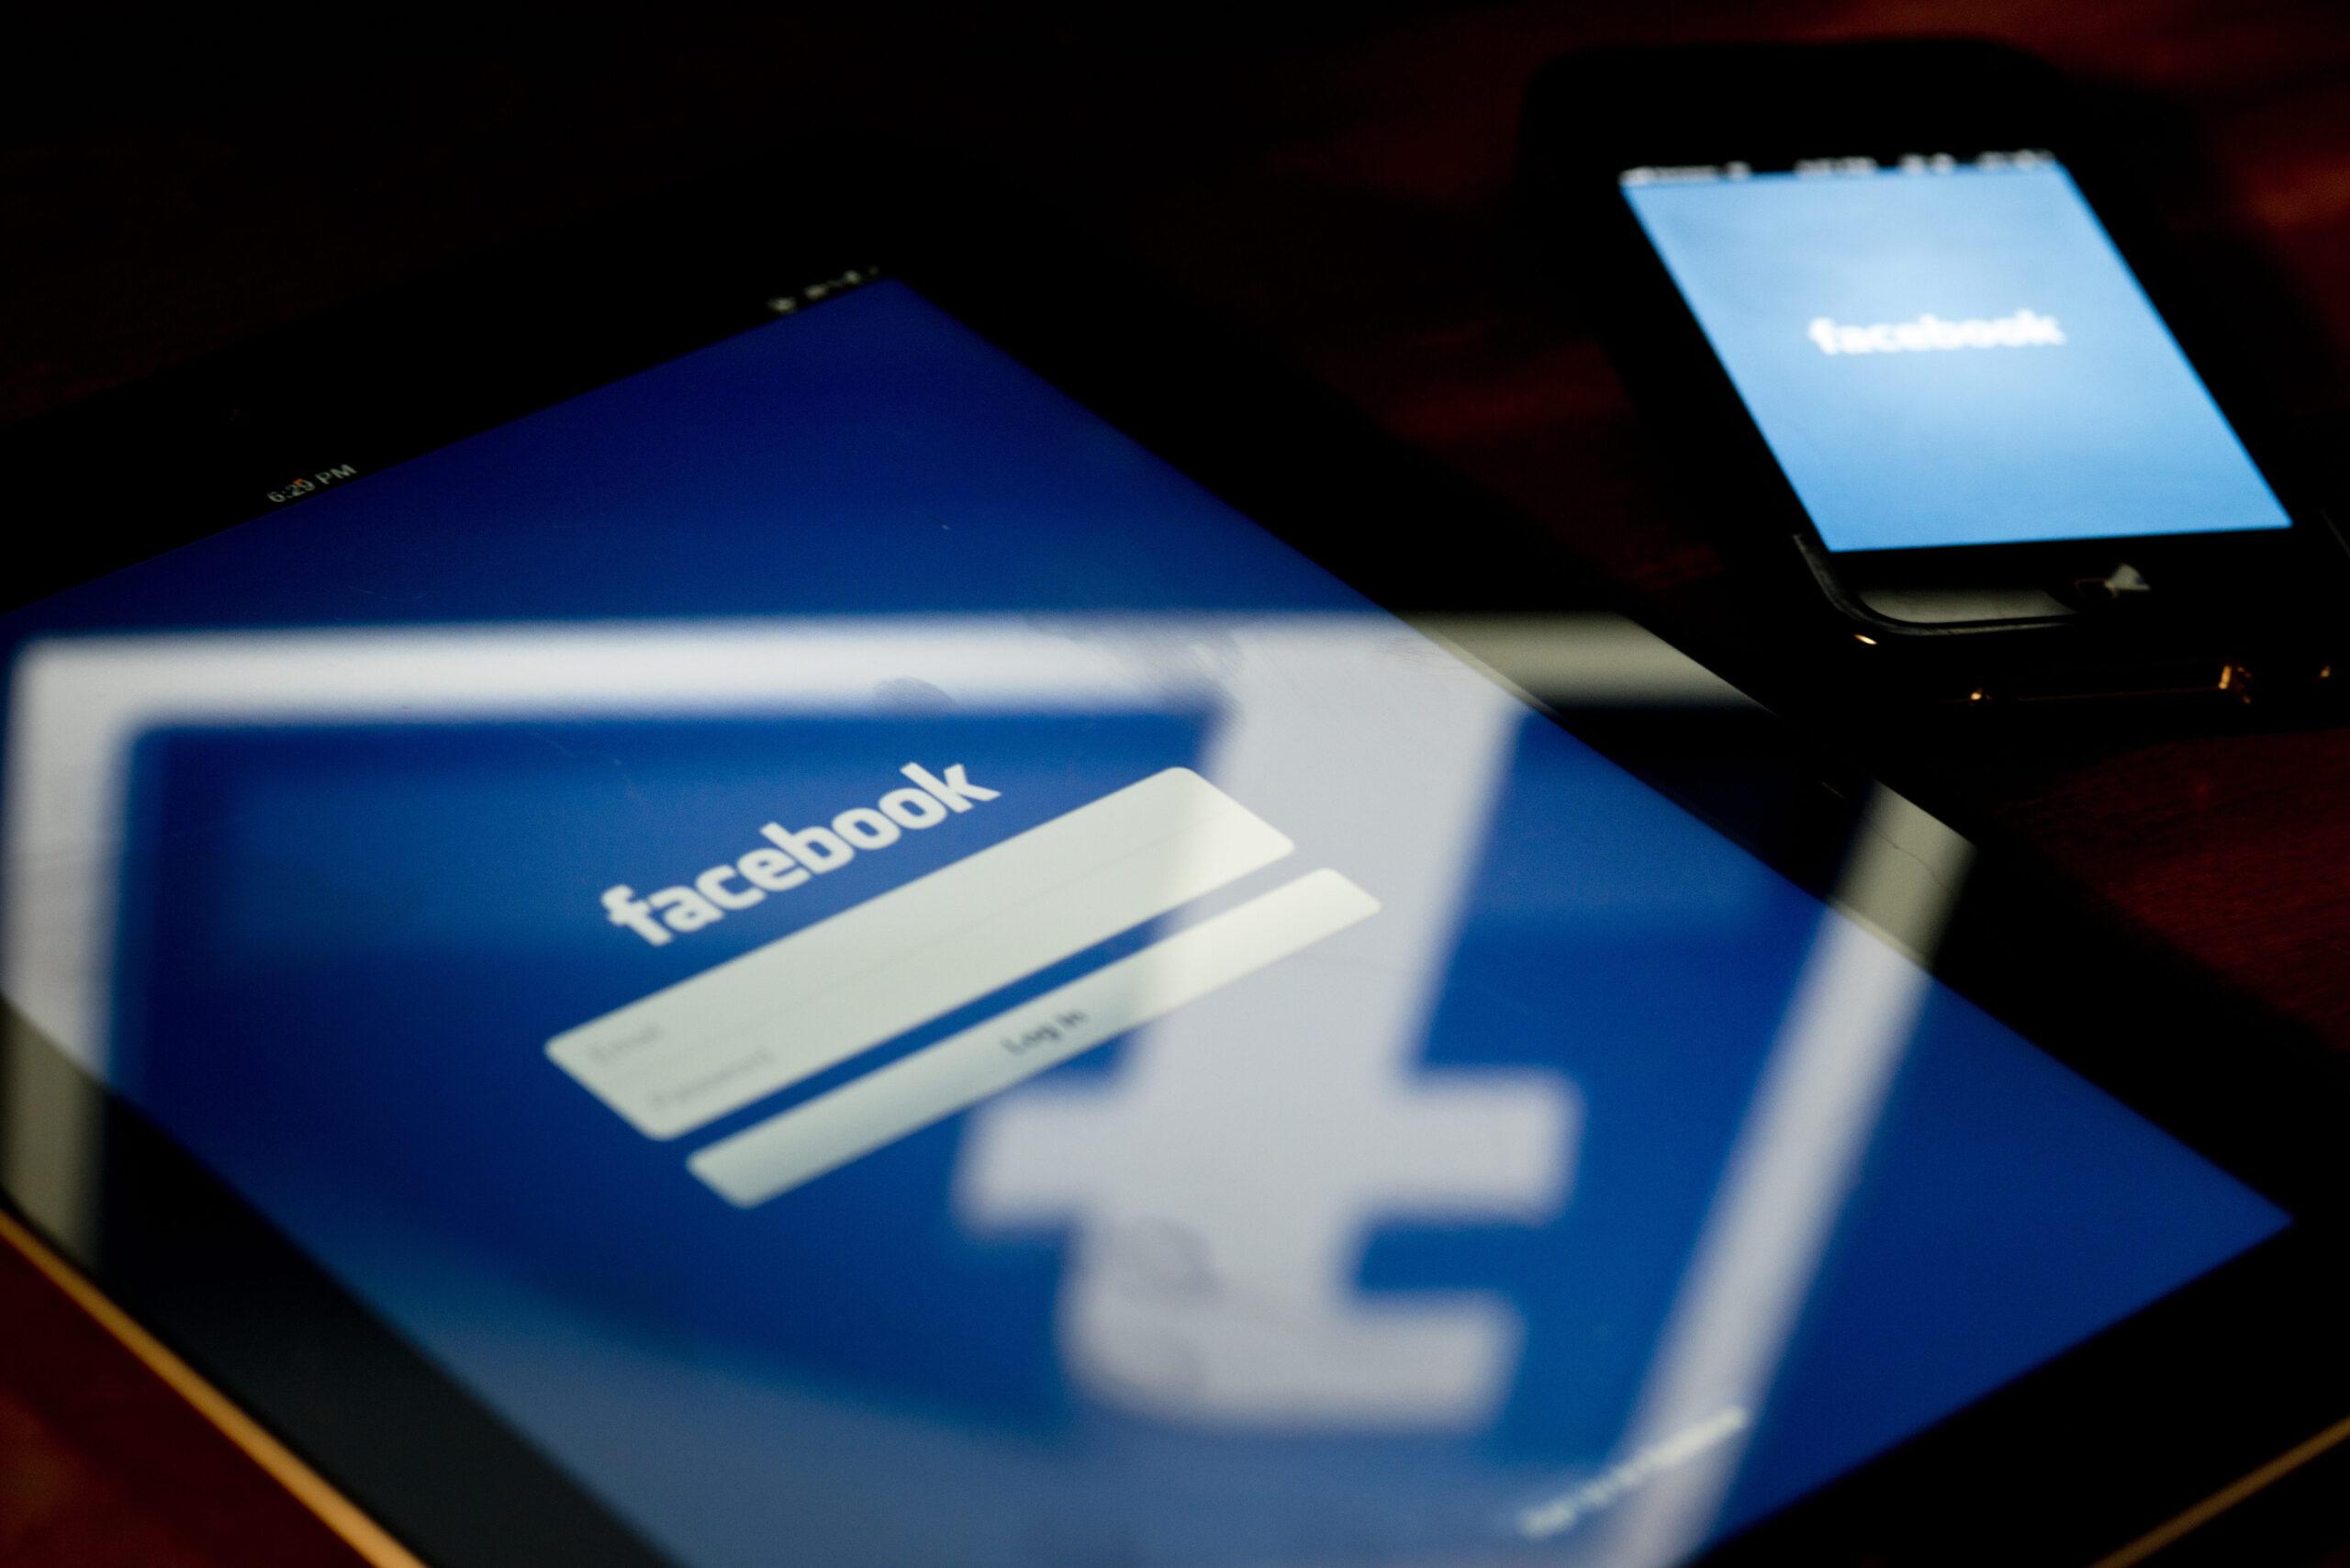 Facebook for iOS finally allows sharing